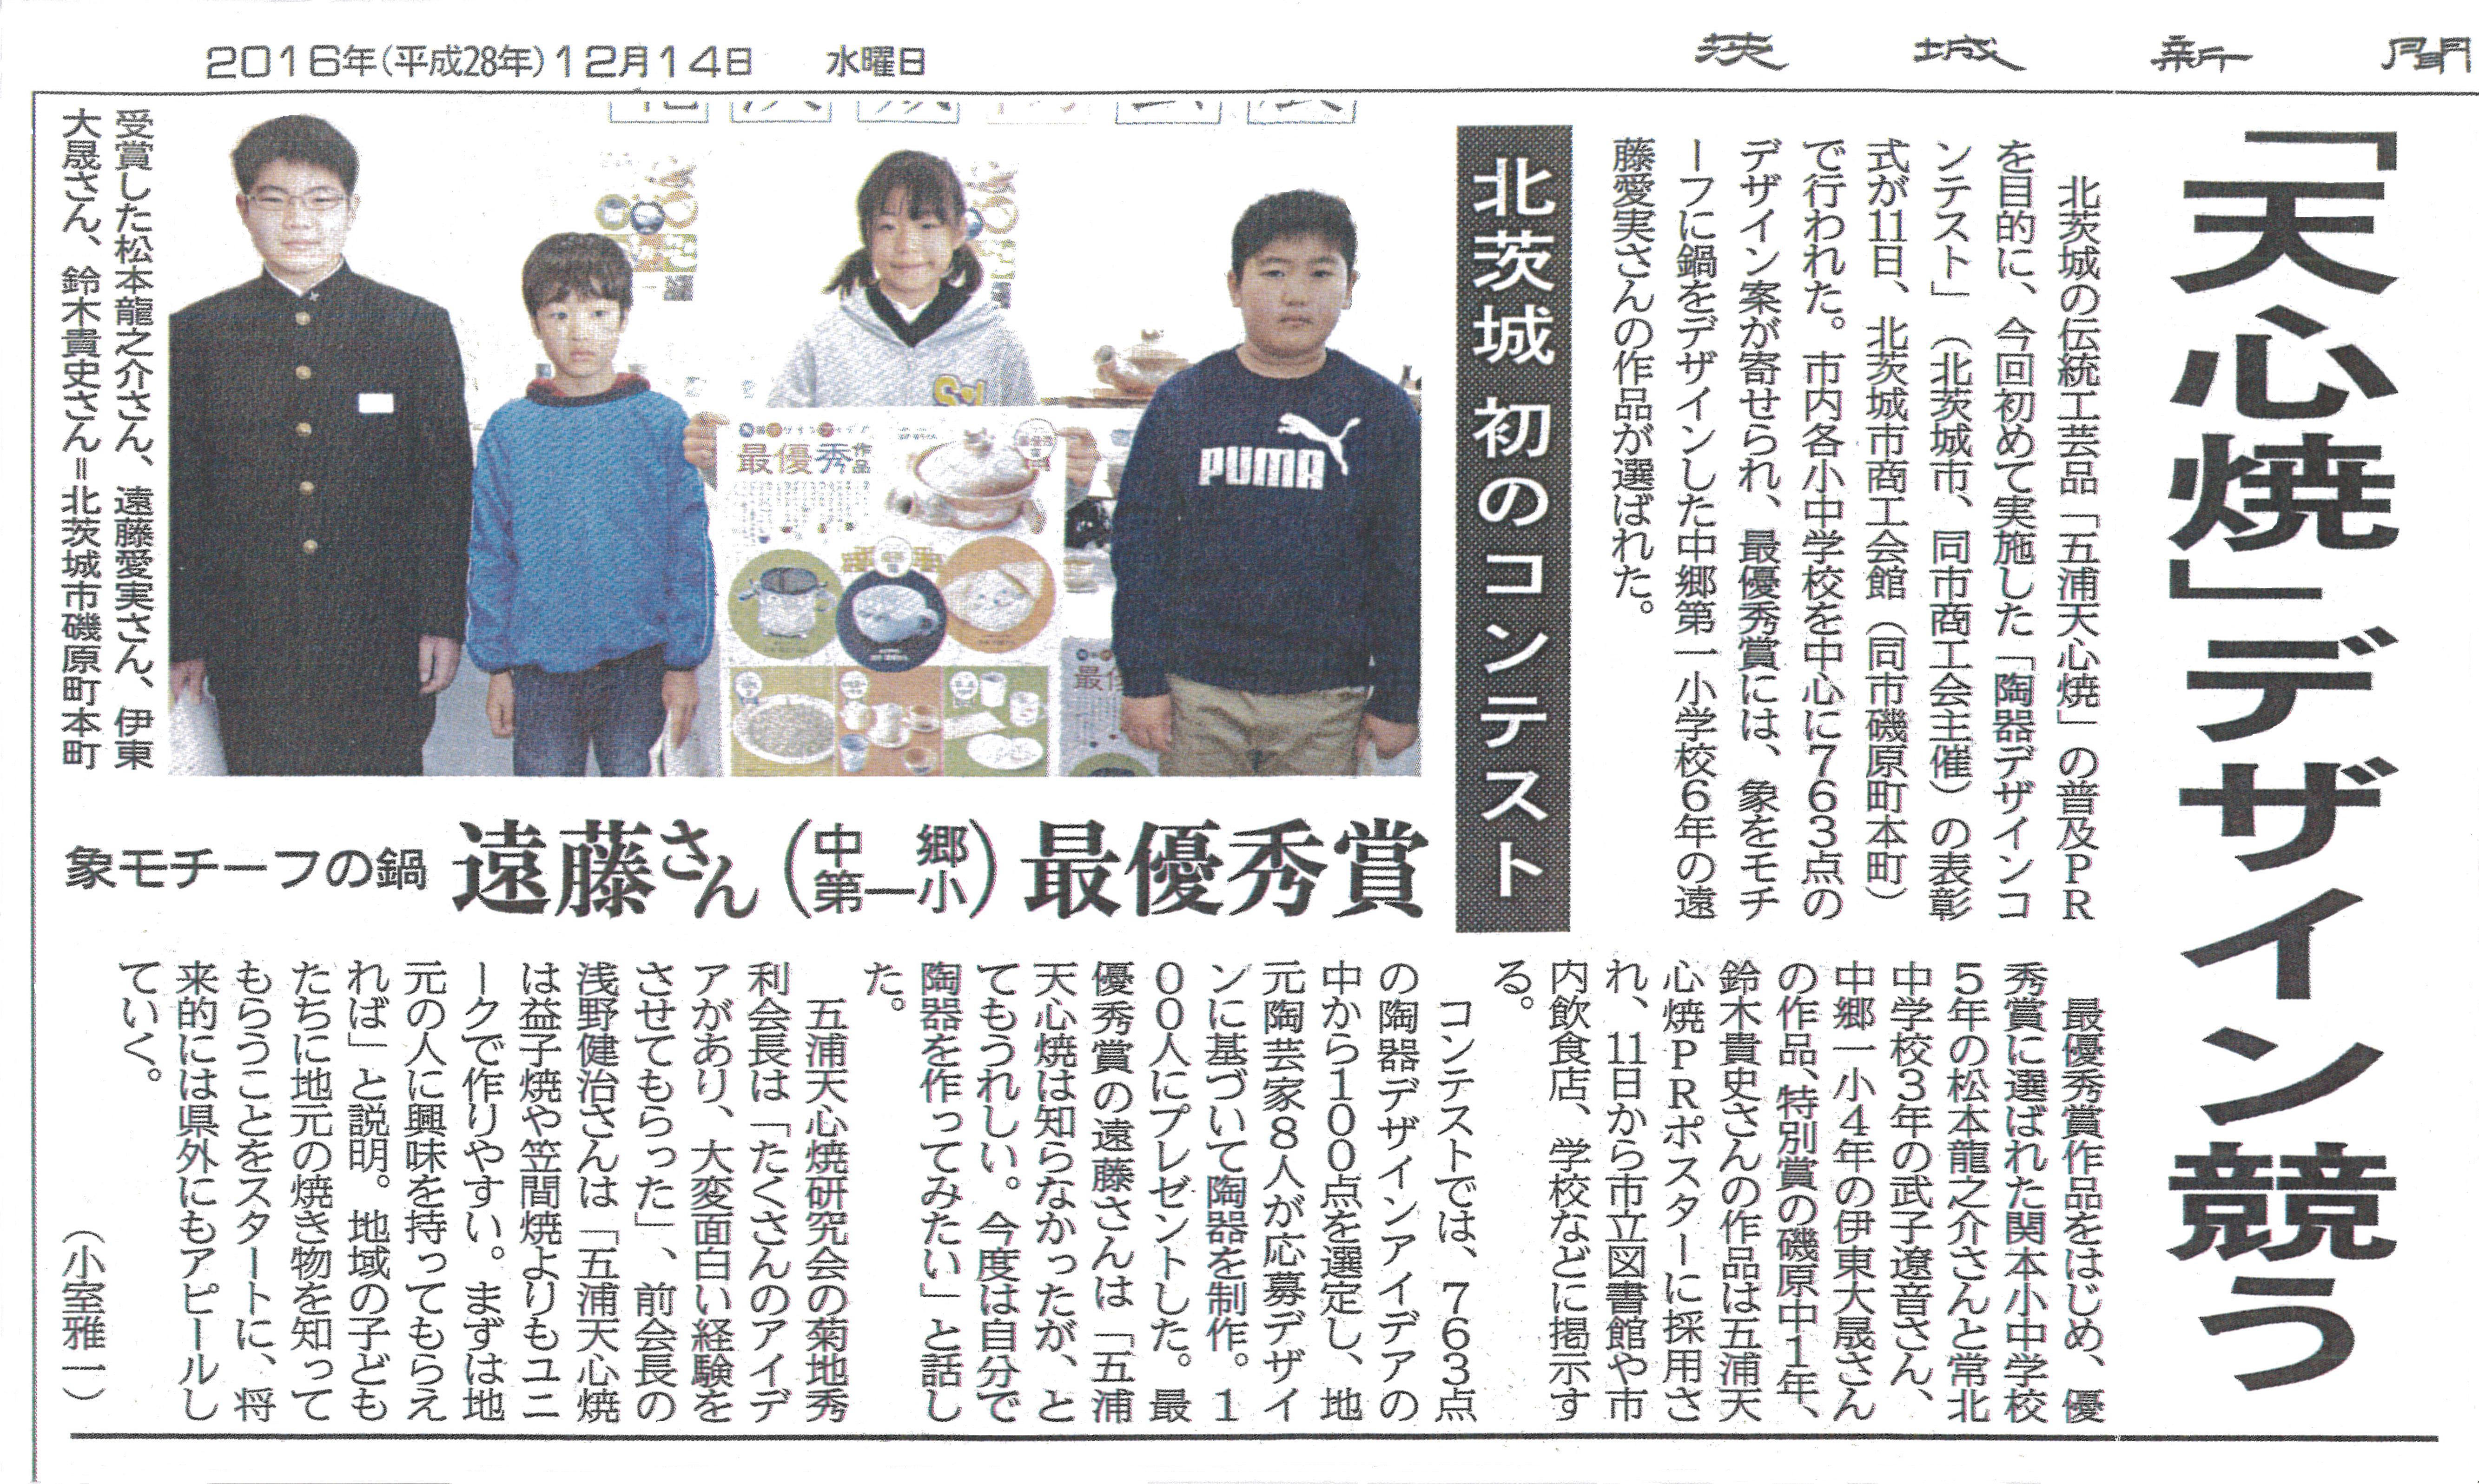 『『茨城新聞記事「天心焼デザイン」』の画像』の画像